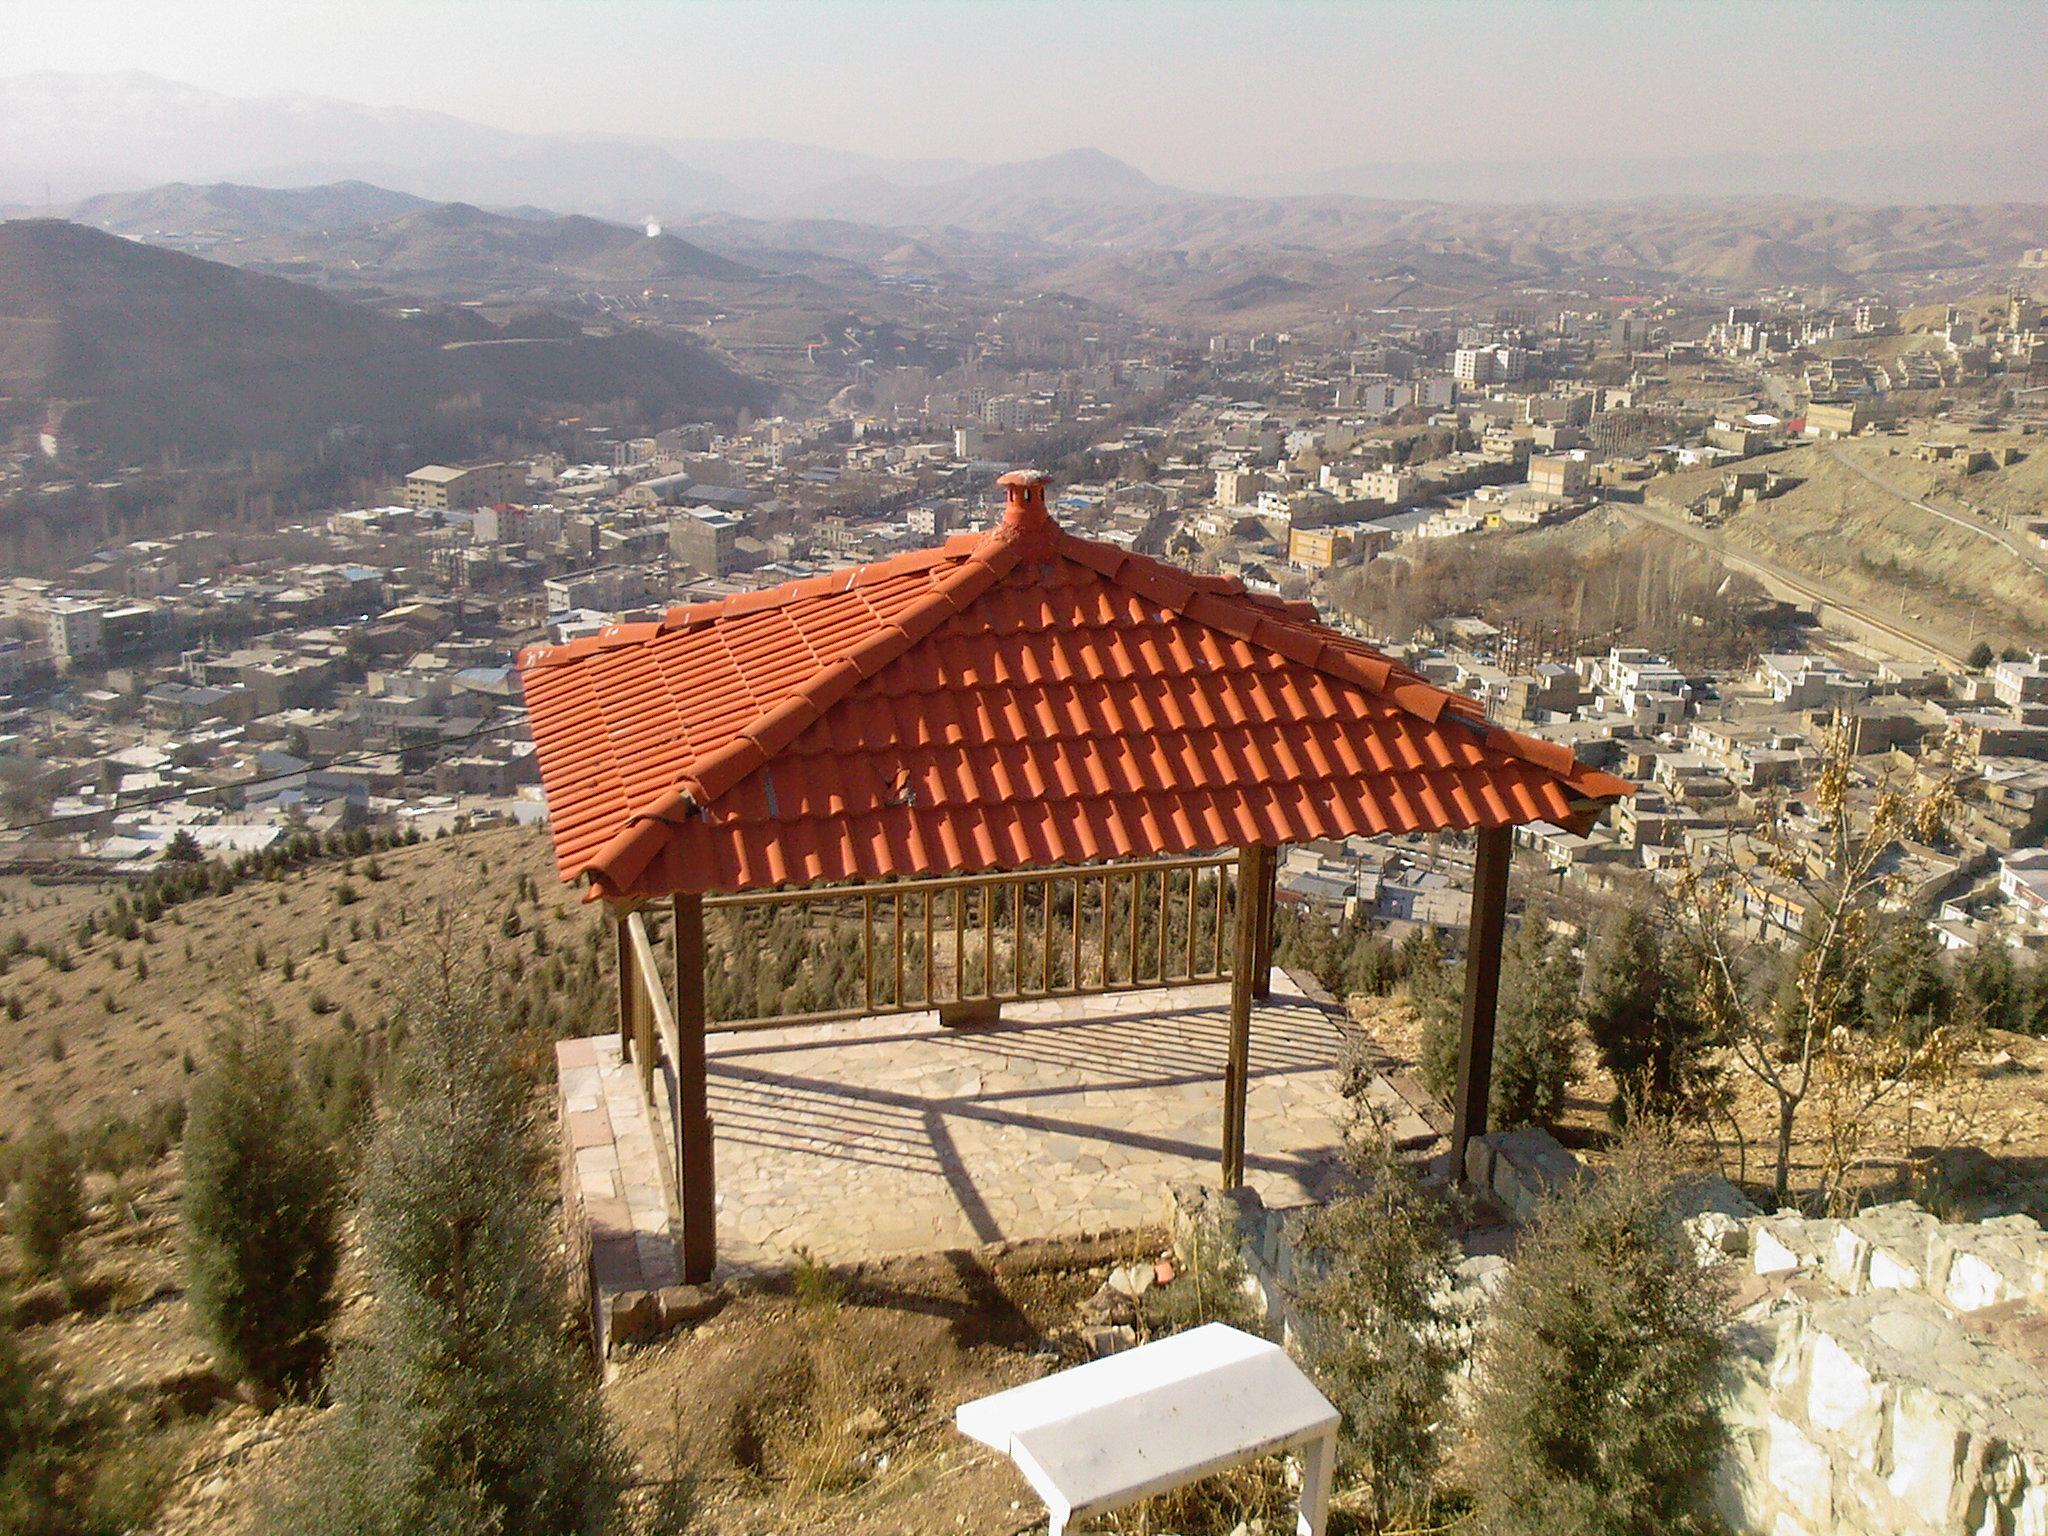 کمپ محمد داغی( بام رودهن) | جاذبه های دیدنی و گردشگری رودهن